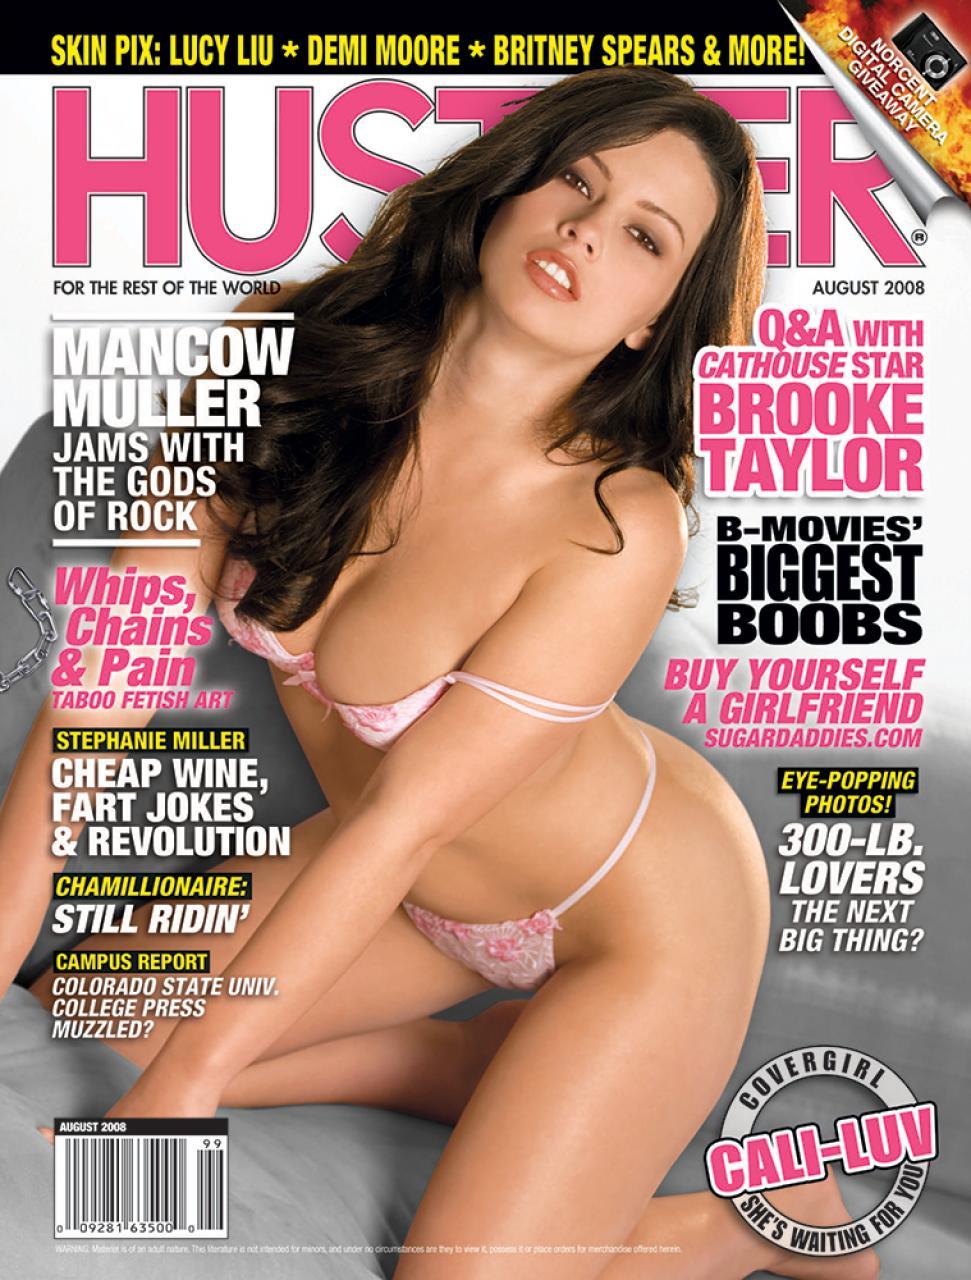 нас фото моделей журнала хастлер некоторых других